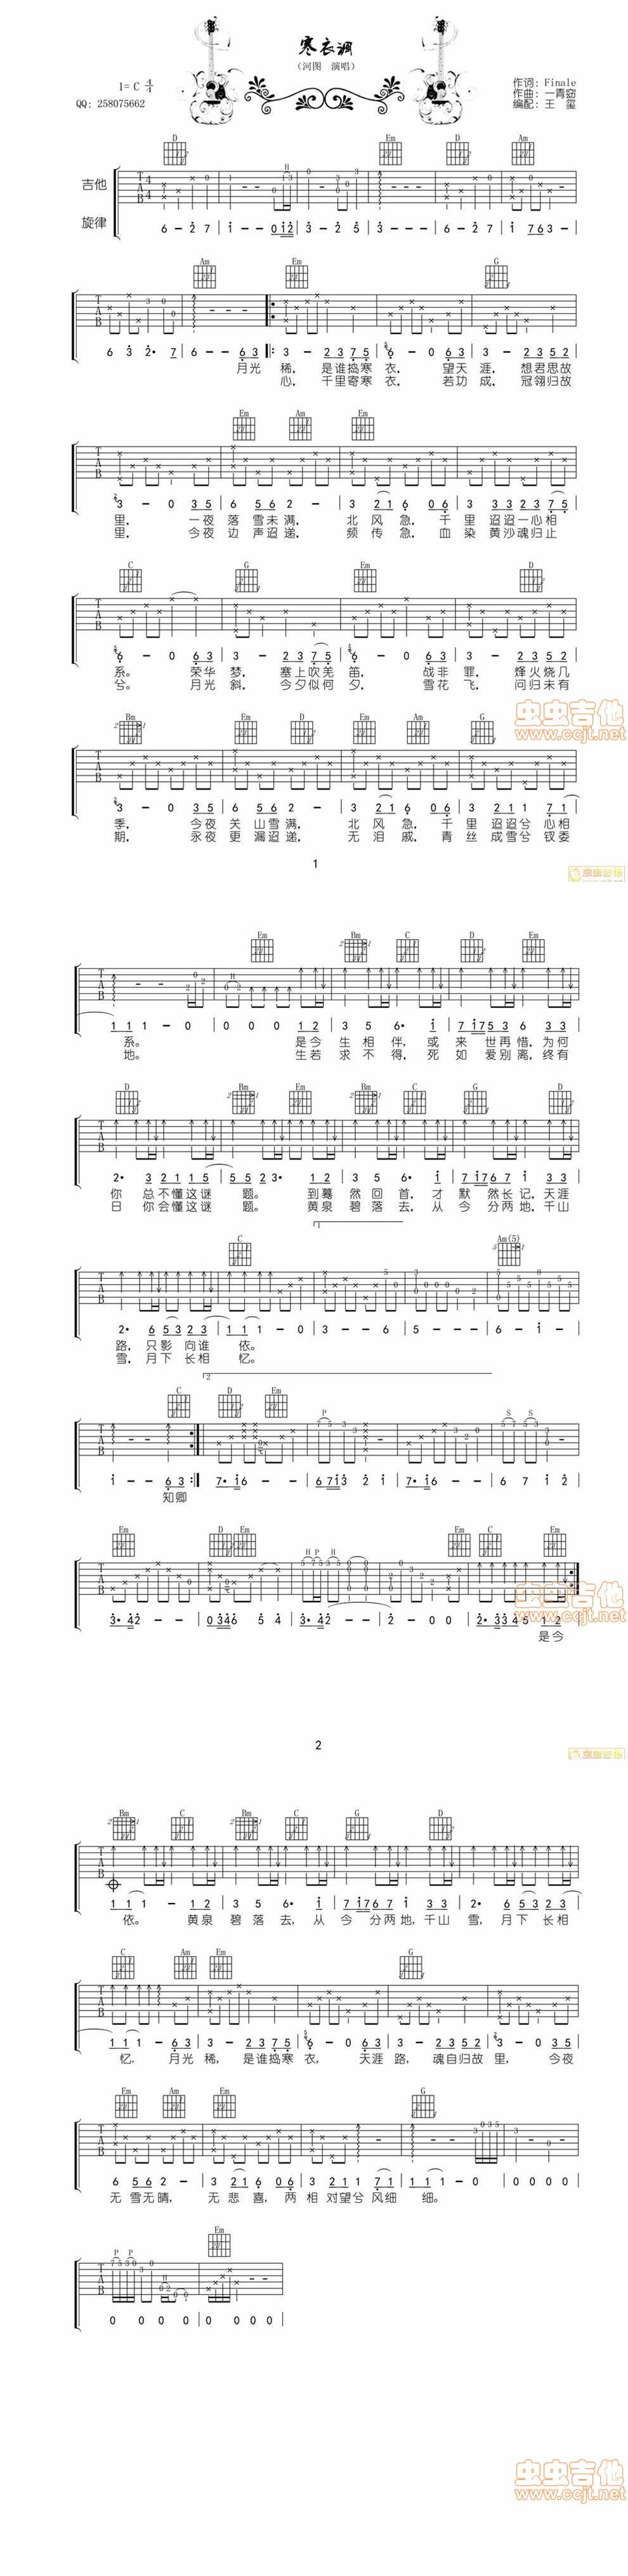 你好,我想要河图歌曲的吉他谱